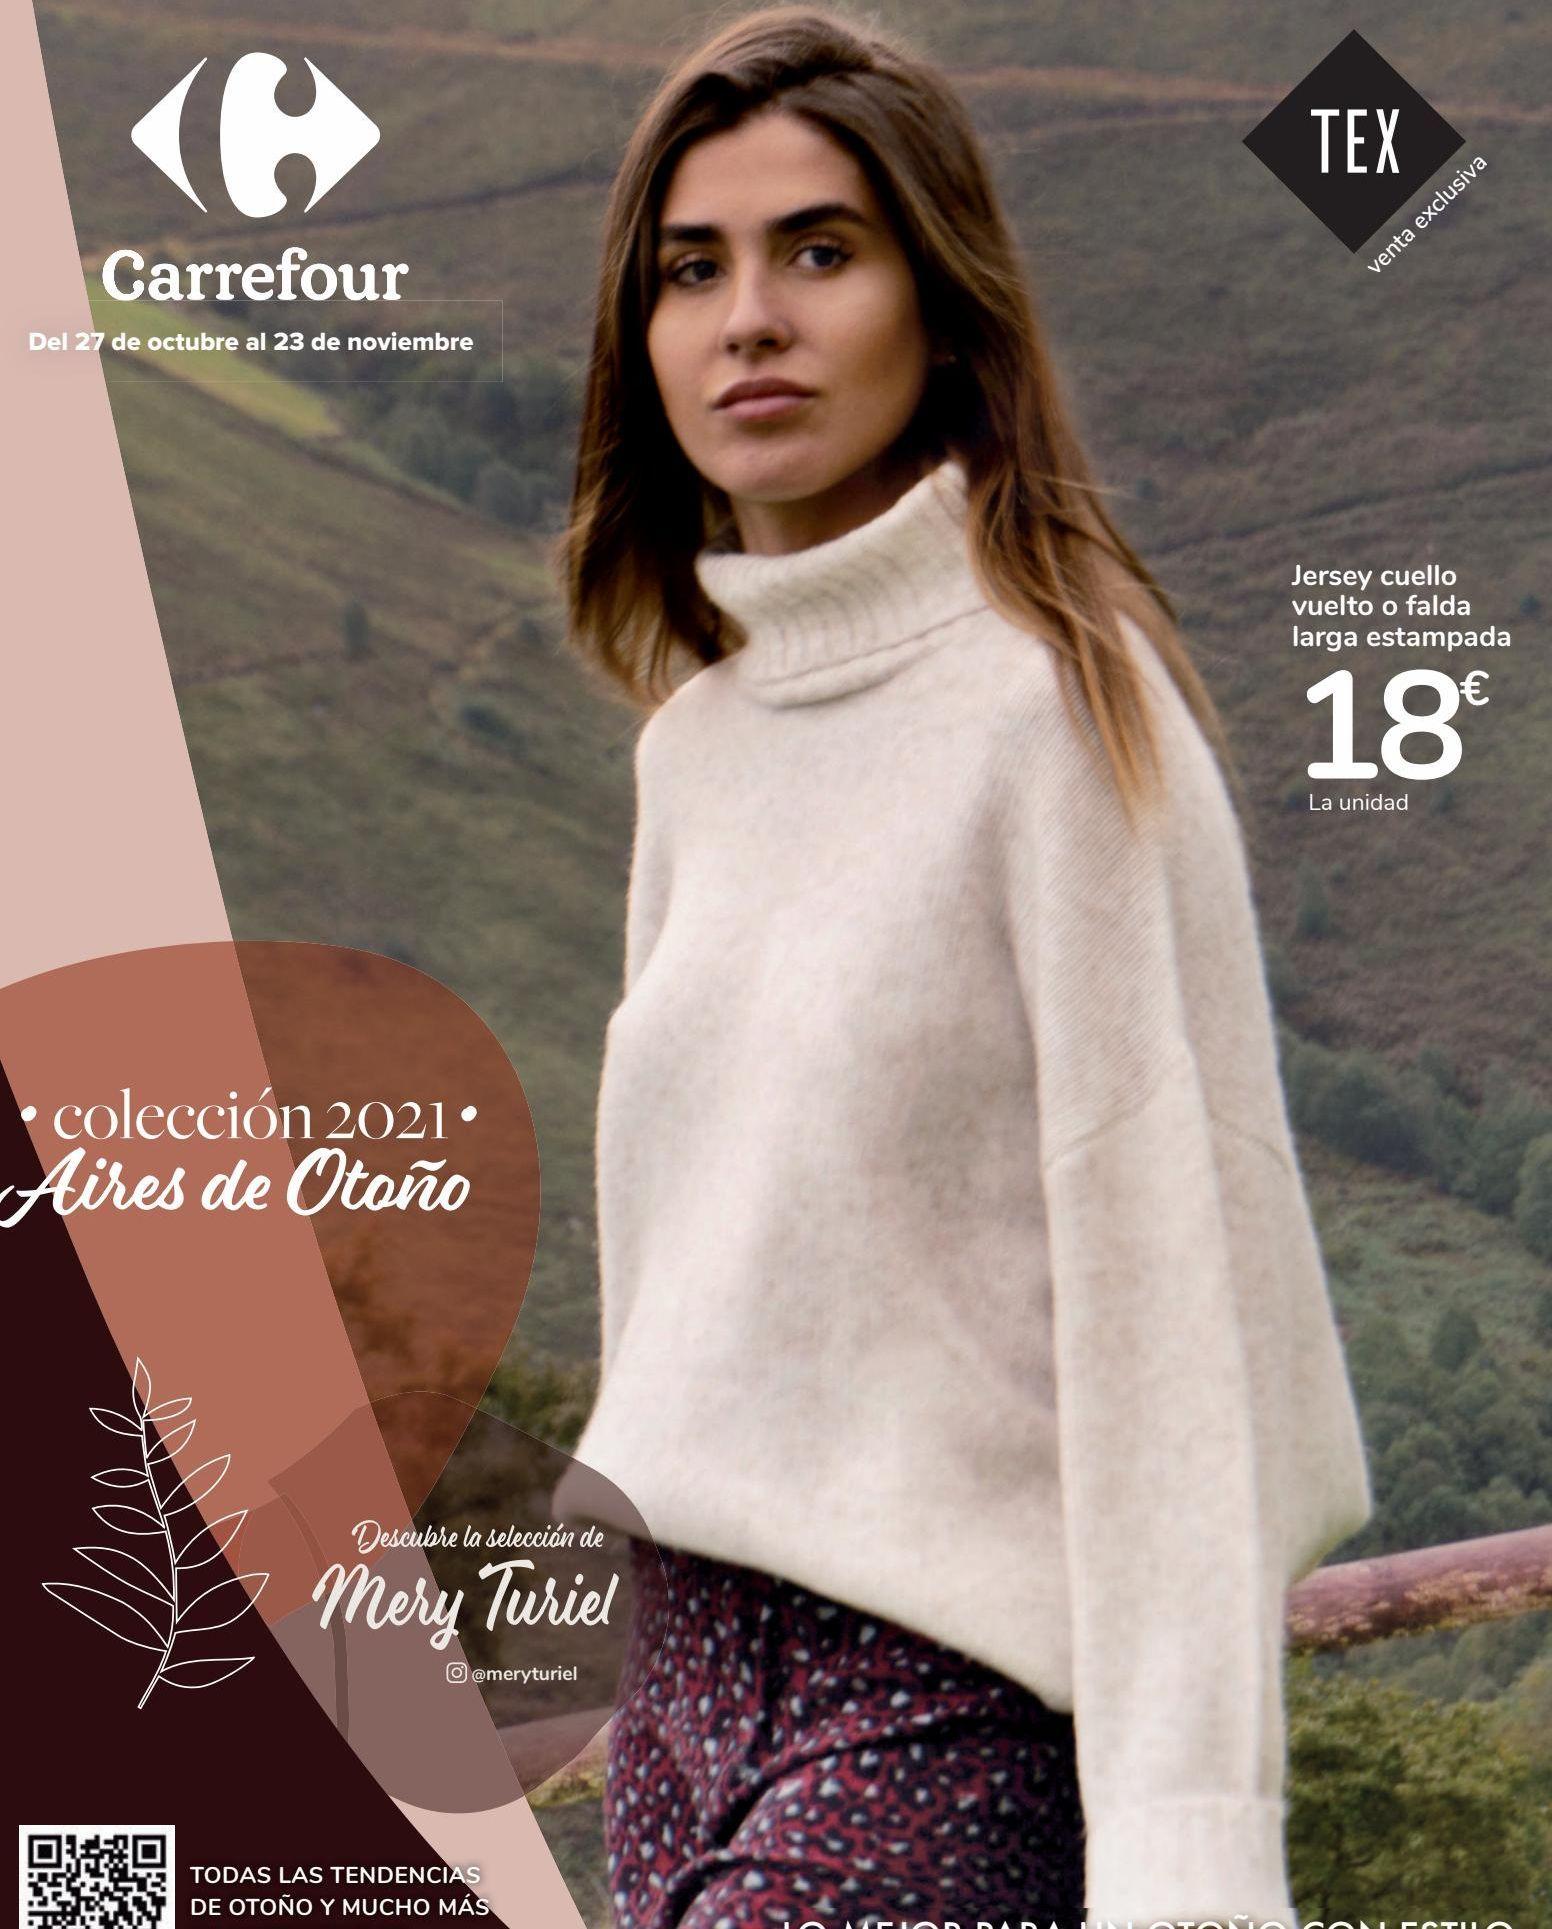 Oferta de Jersey cuello vuelto o falda larga estampada por 18€